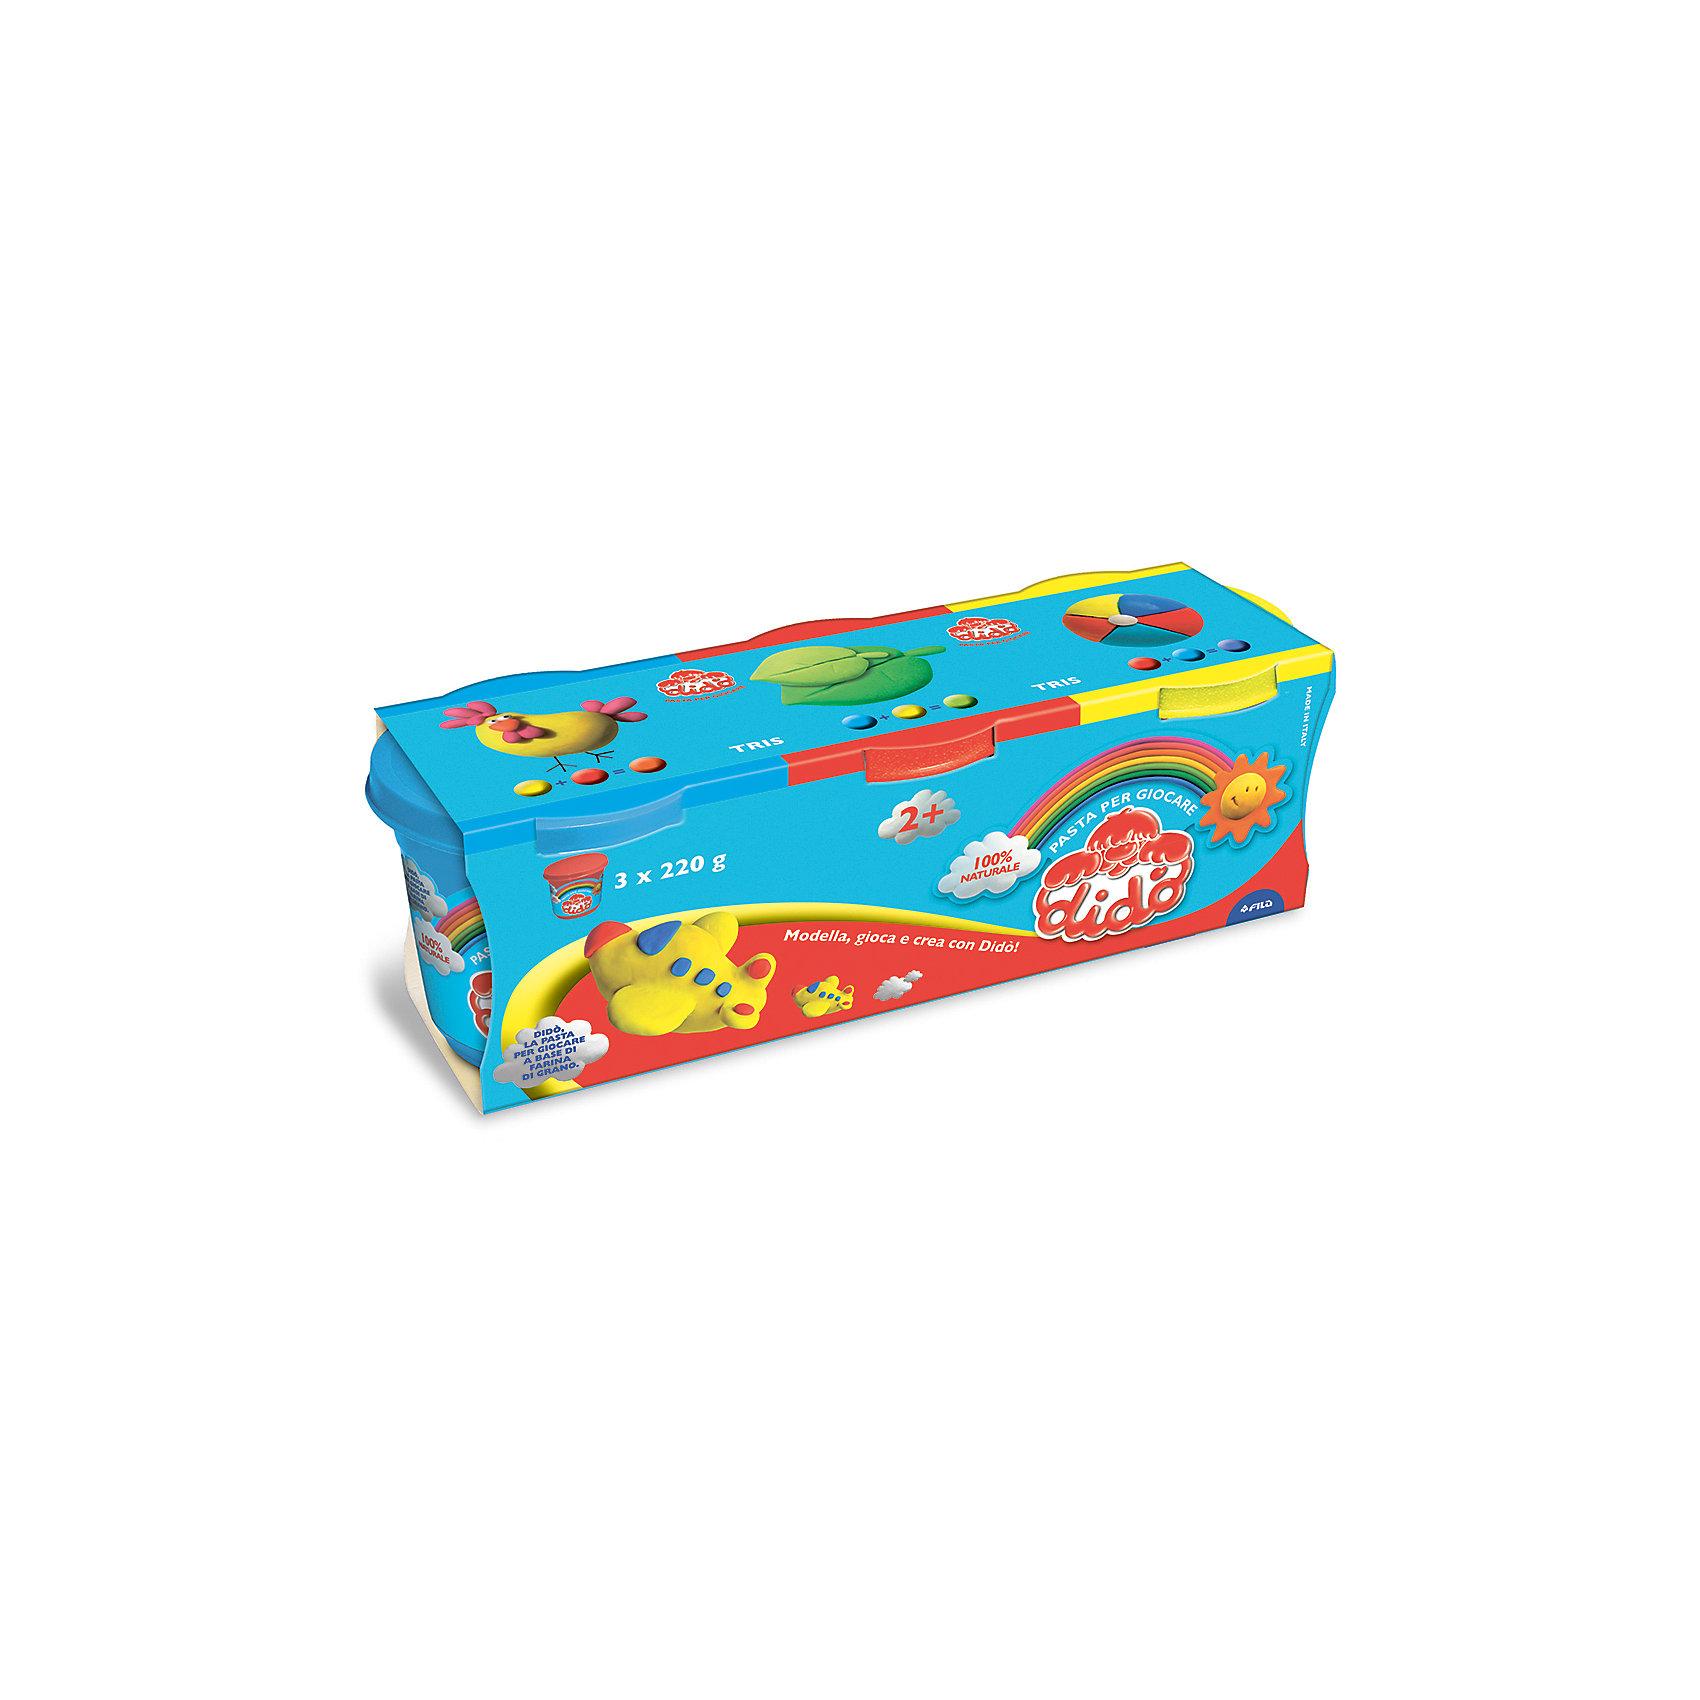 Масса для лепки - аналог соленого теста, 3 шт х 220 г.Масса для лепки<br>Характеристики товара:<br><br>• в комплекте: масса для лепки (3 цвета по 220 грамм);<br>• цвета: желтый, синий, красный;<br>• размер упаковки: 25,5х8,5 см;<br>• вес: 680 грамм;<br>• возраст: от 2 лет.<br><br>Паста для лепки Dido отлично подойдет даже для самых маленьких. Паста изготовлена на основе натуральных компонентов с добавлением пищевых красителей, поэтому она полностью безопасна для малышей. В набор входят 3 баночки с пастой: желтая, синяя, красная.<br><br>Паста очень пластична, легко принимает нужную форму, не крошится и практически не липнет к рукам. Для создания поделки необходимо слепить нужную фигурку и оставить на воздухе для застывания.<br><br>DIDO (Дайдо), пасту для лепки, 3*220 гр, синяя, красная, желтая можно купить в нашем интернет-магазине.<br><br>Ширина мм: 90<br>Глубина мм: 75<br>Высота мм: 210<br>Вес г: 660<br>Возраст от месяцев: 24<br>Возраст до месяцев: 72<br>Пол: Унисекс<br>Возраст: Детский<br>SKU: 5107869